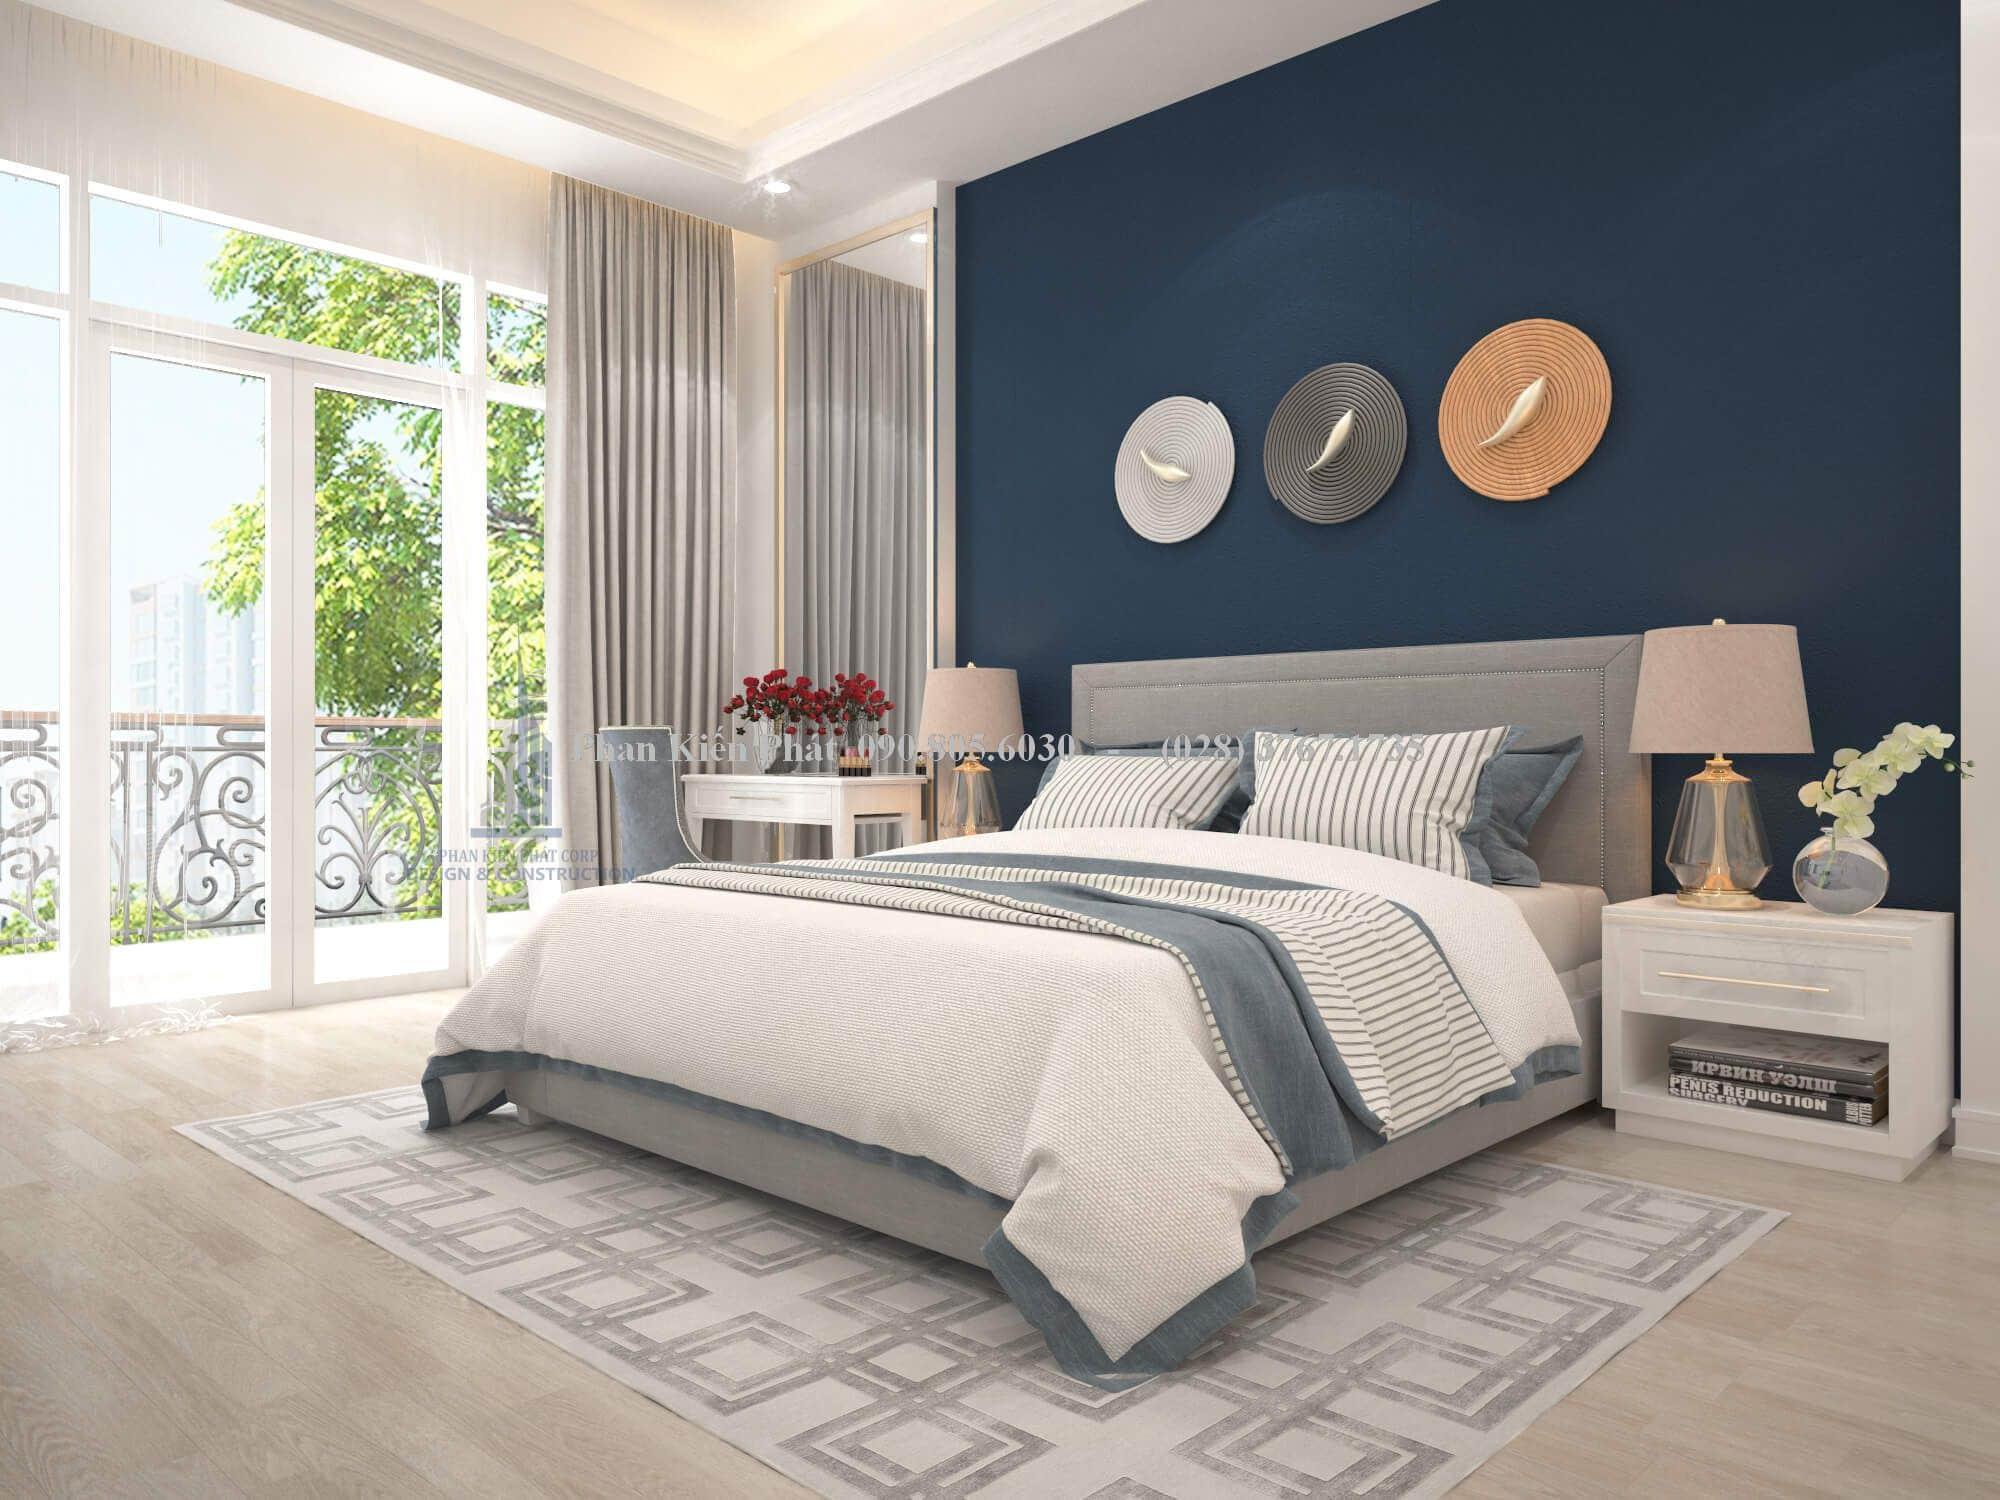 Phòng ngủ đẹp hơn với màu xanh navy tươi mới